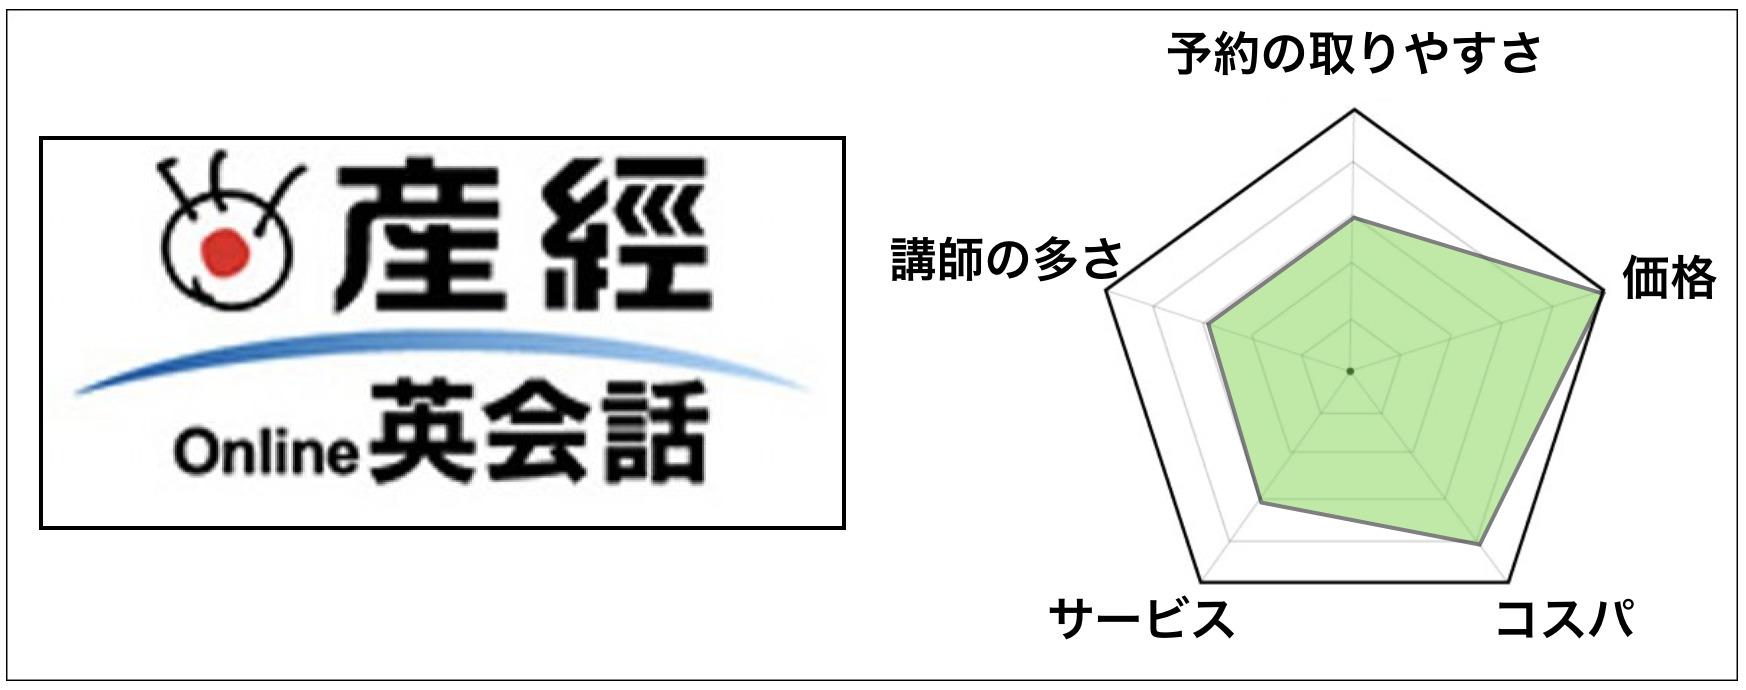 第3位「産経オンライン英会話」